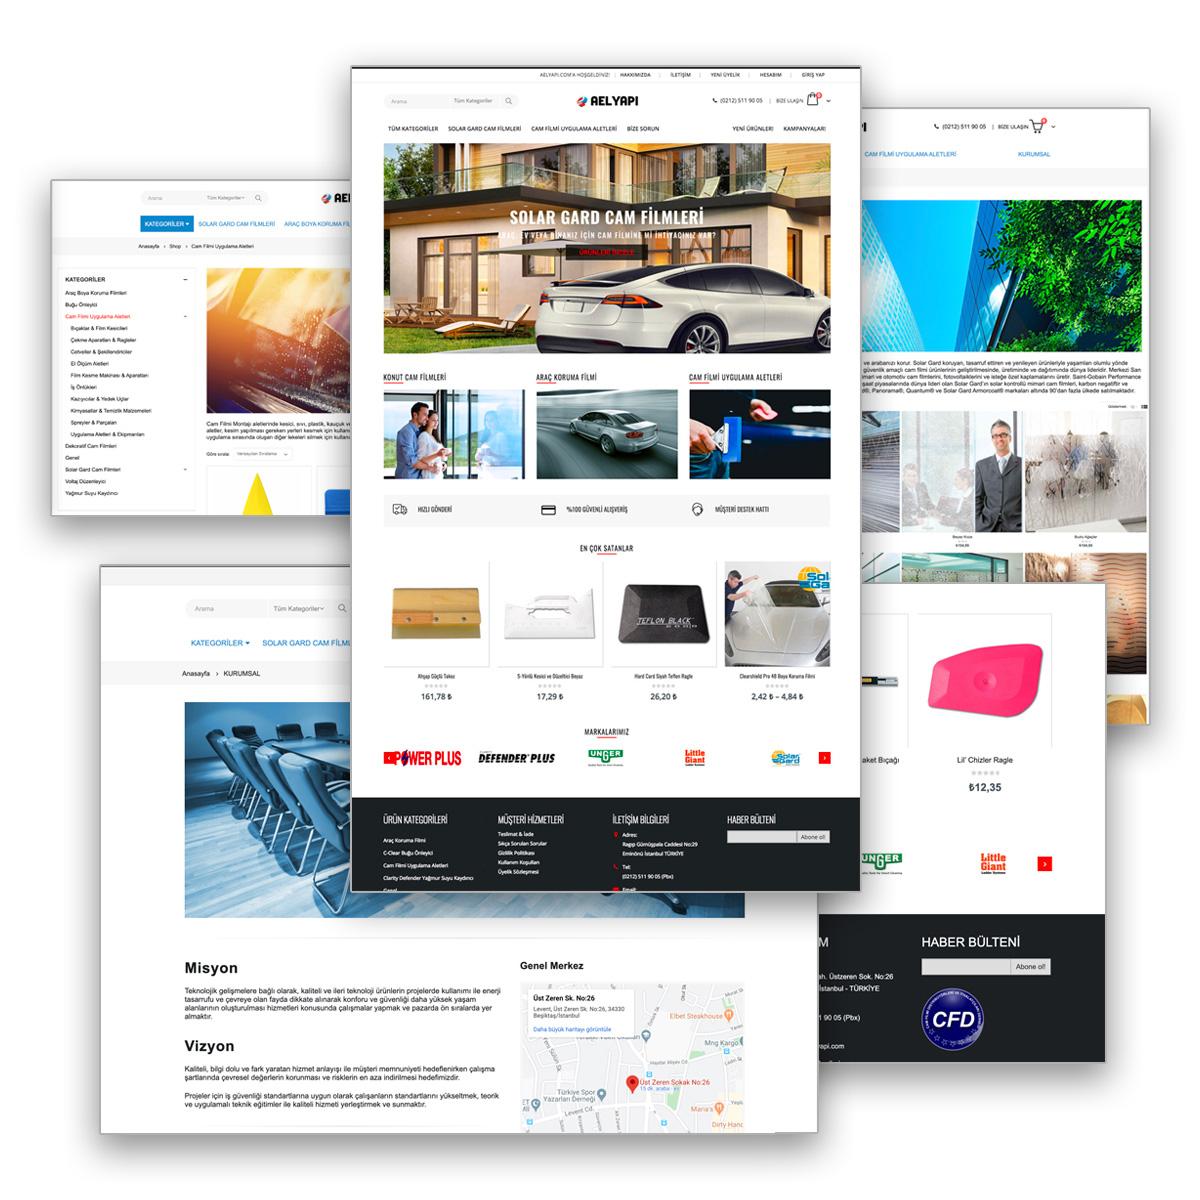 aelyapi website s